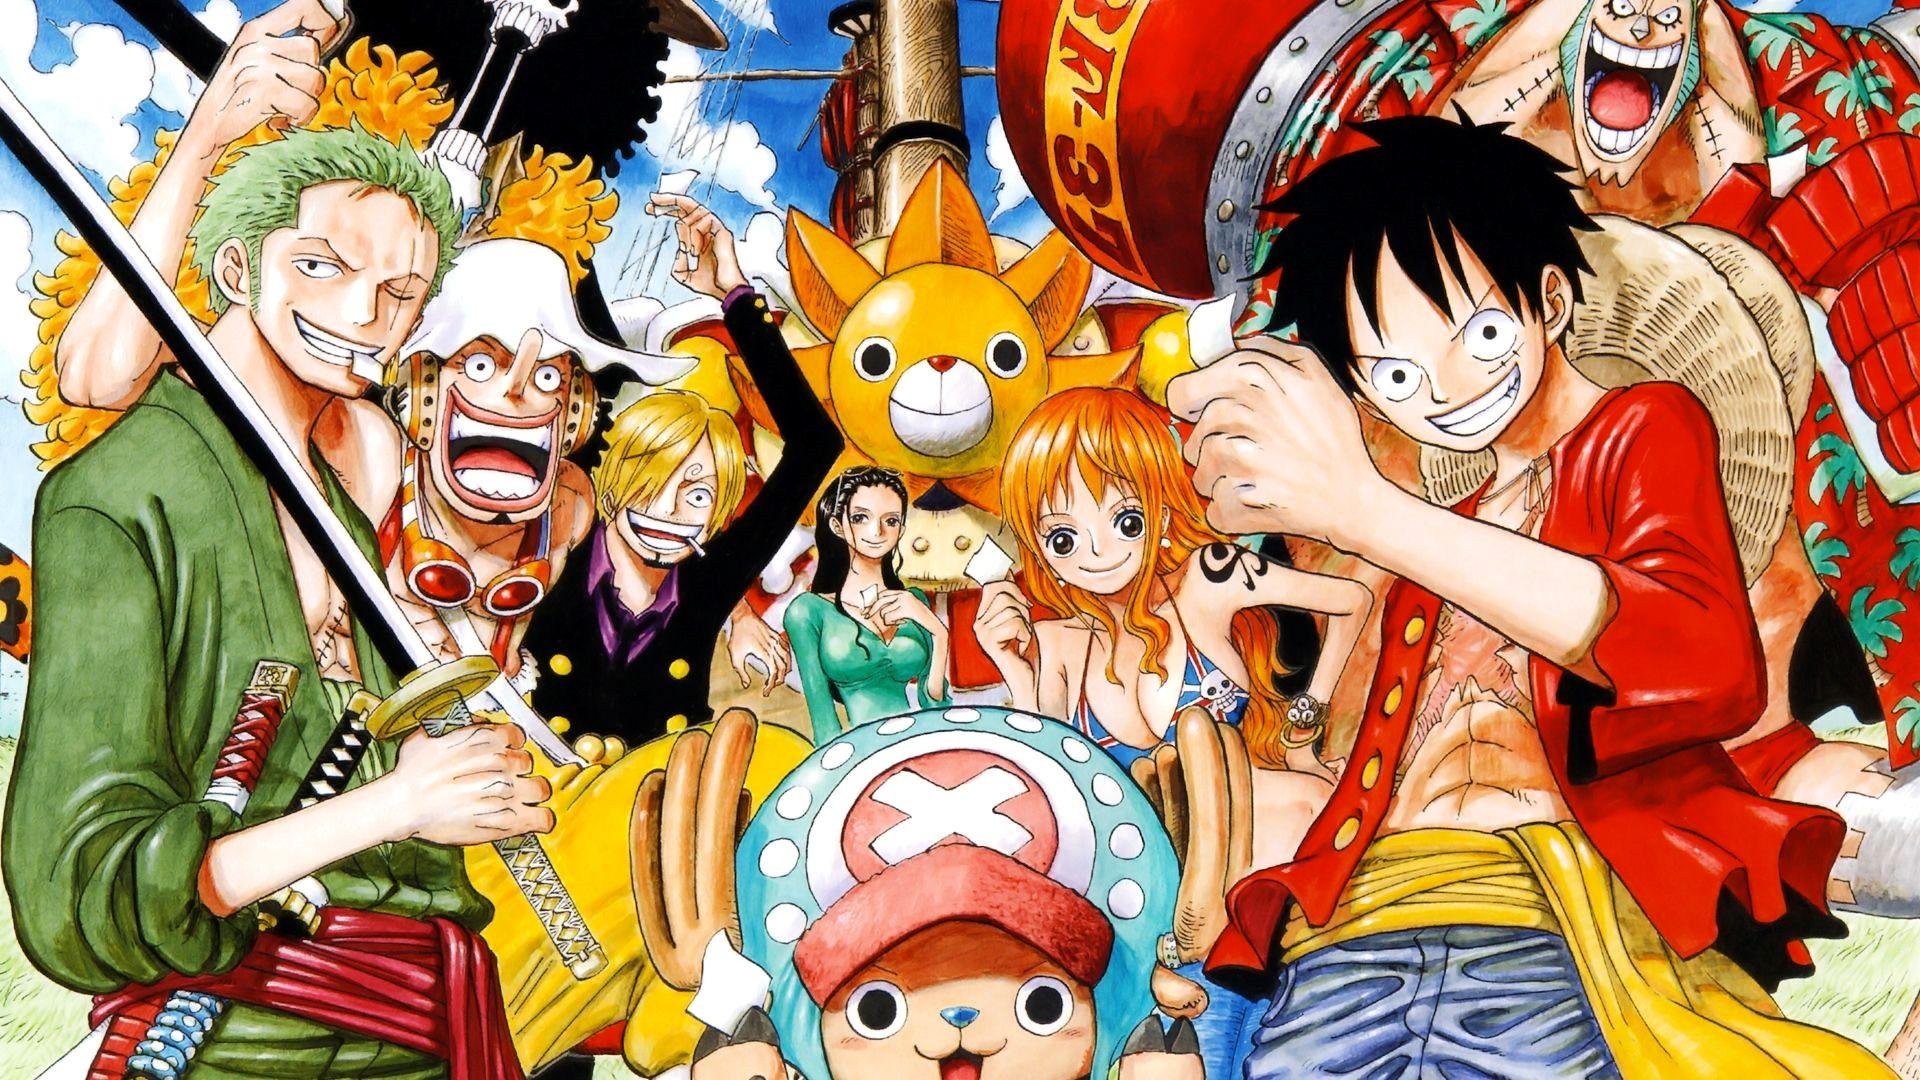 Wallpaper 4k Pc One Piece Trick Manga One Piece One Piece Anime Wallpapers Hd Anime